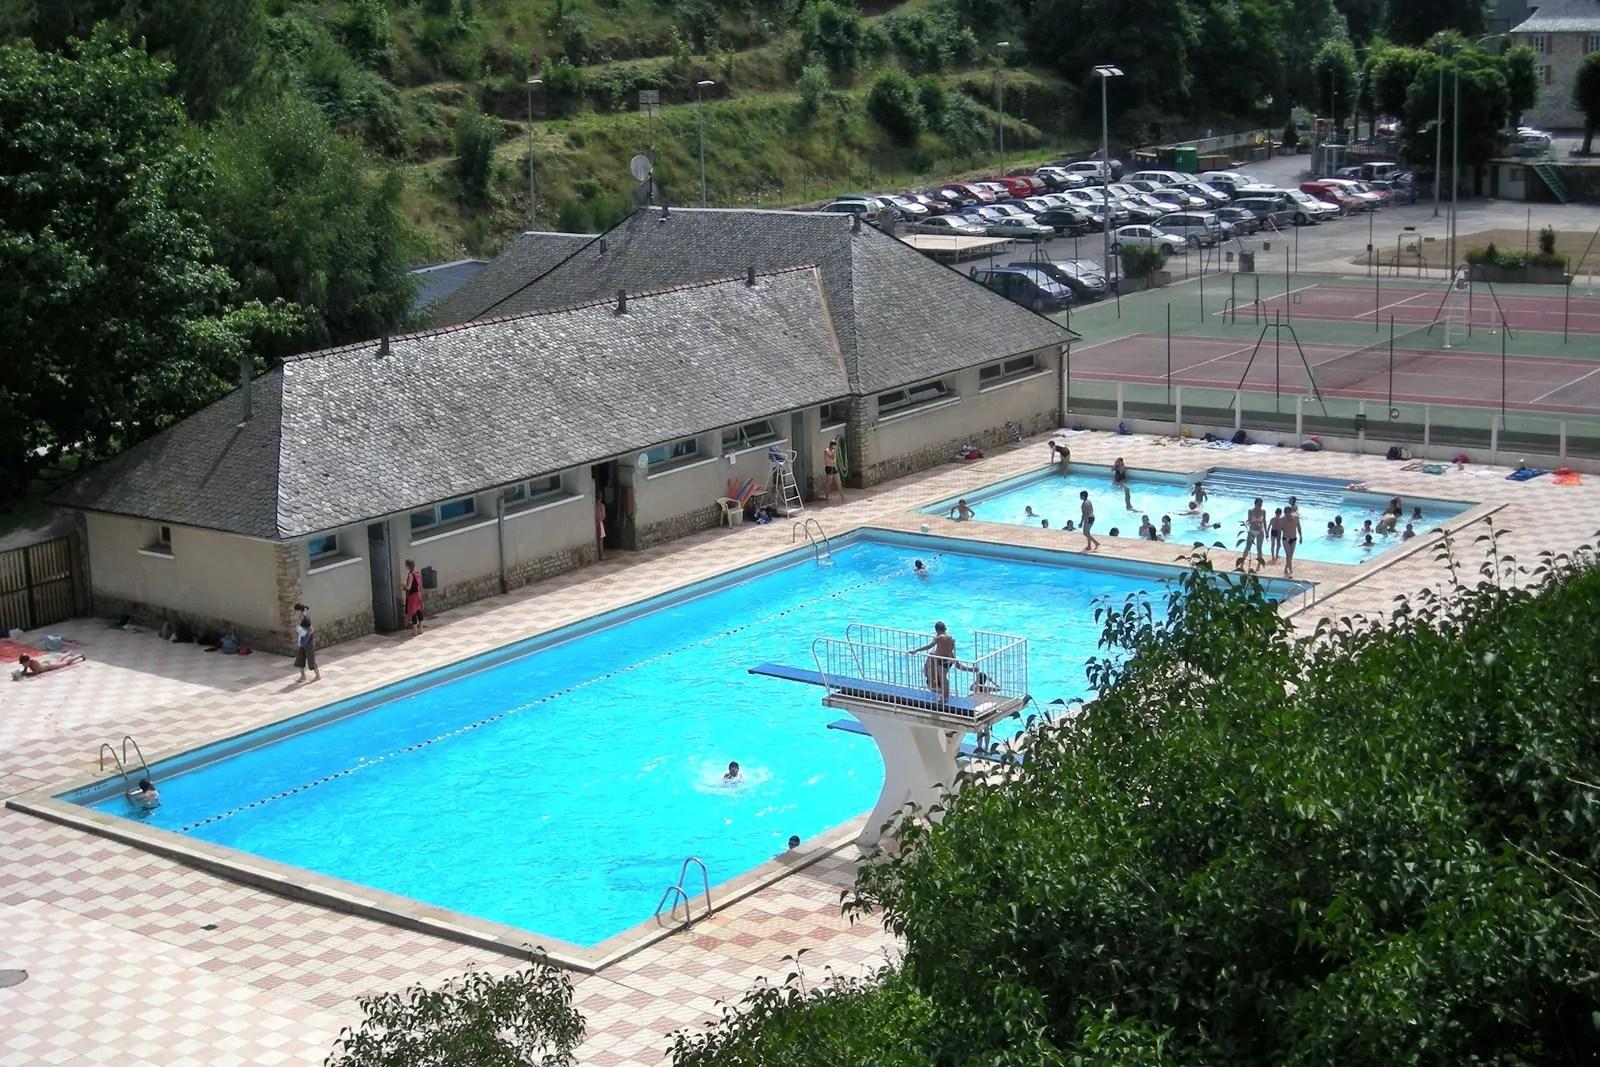 Chaudes-aigues_piscine-10-1